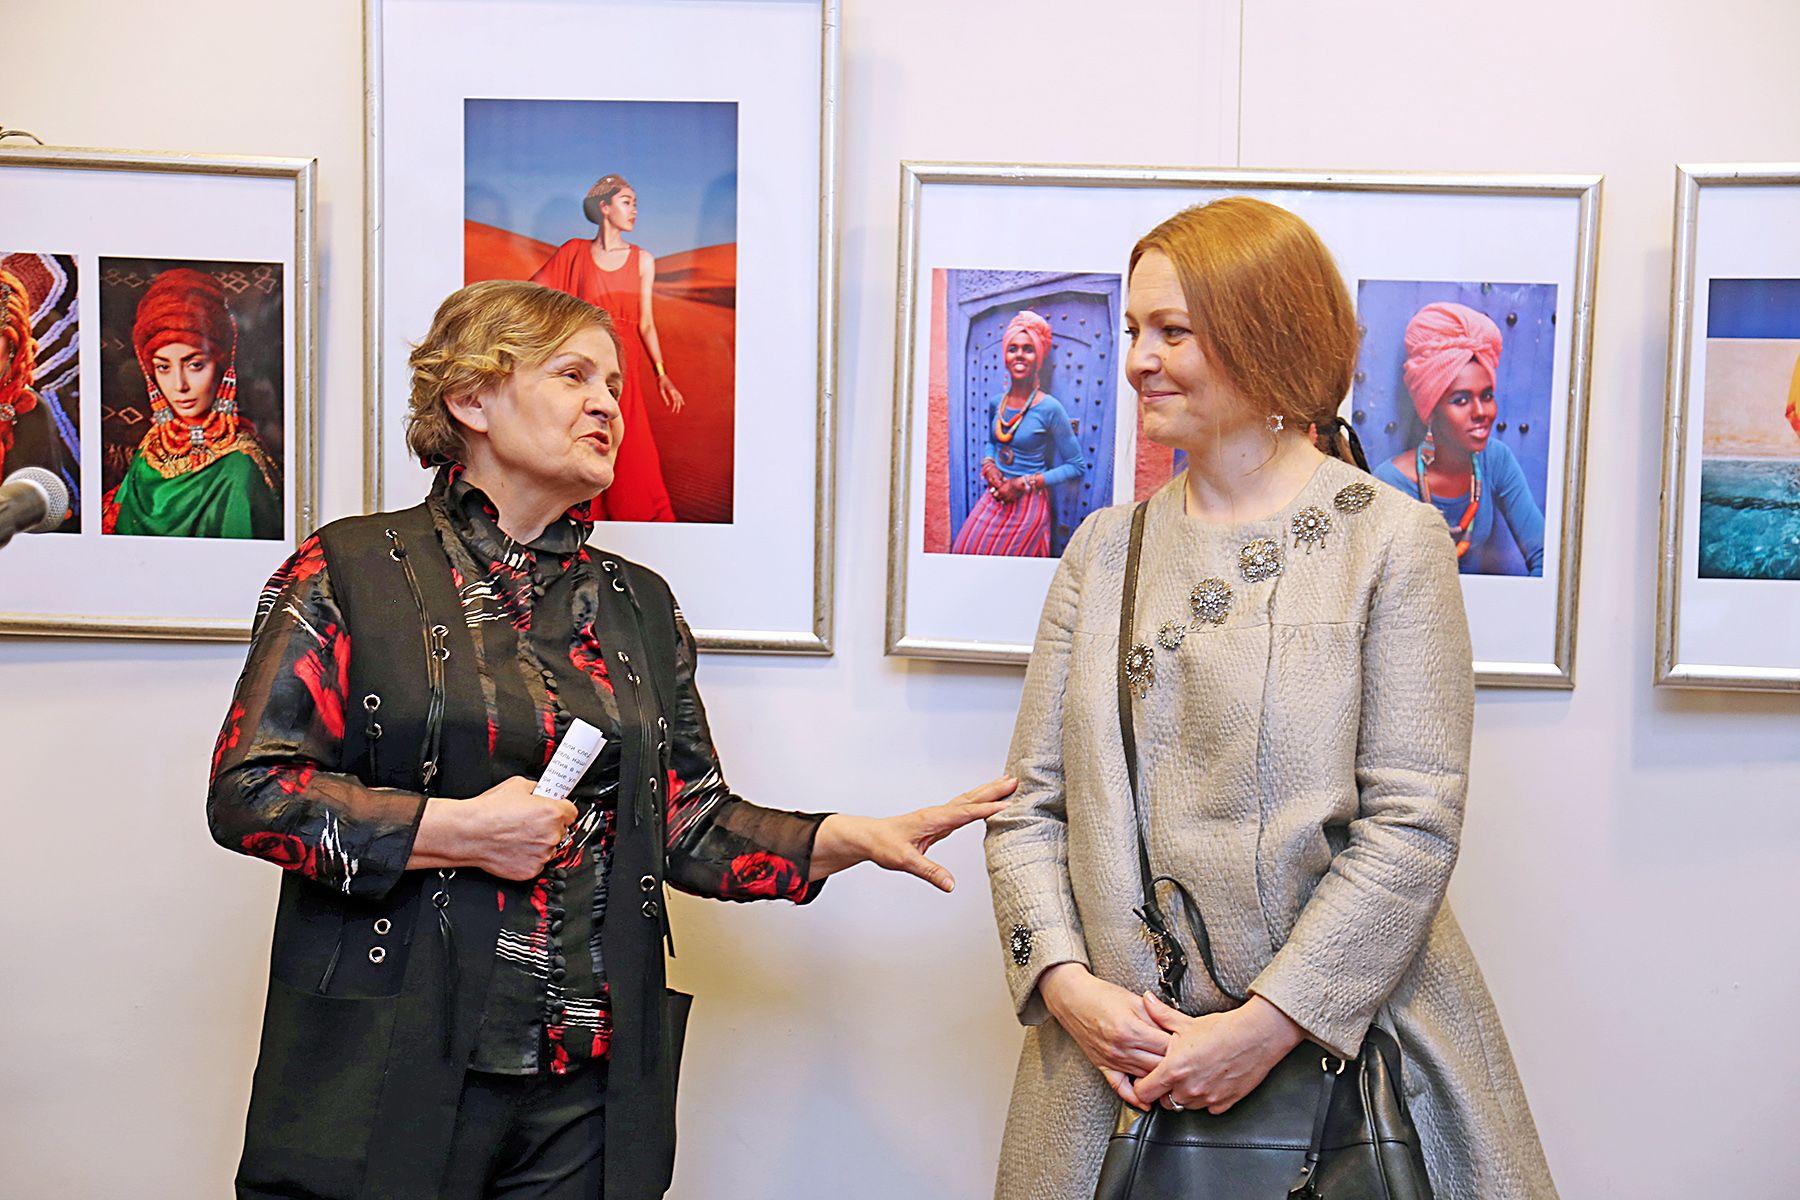 «Сближая континенты»: 8 любящих женщин представили фотовыставку во ВГУЭС